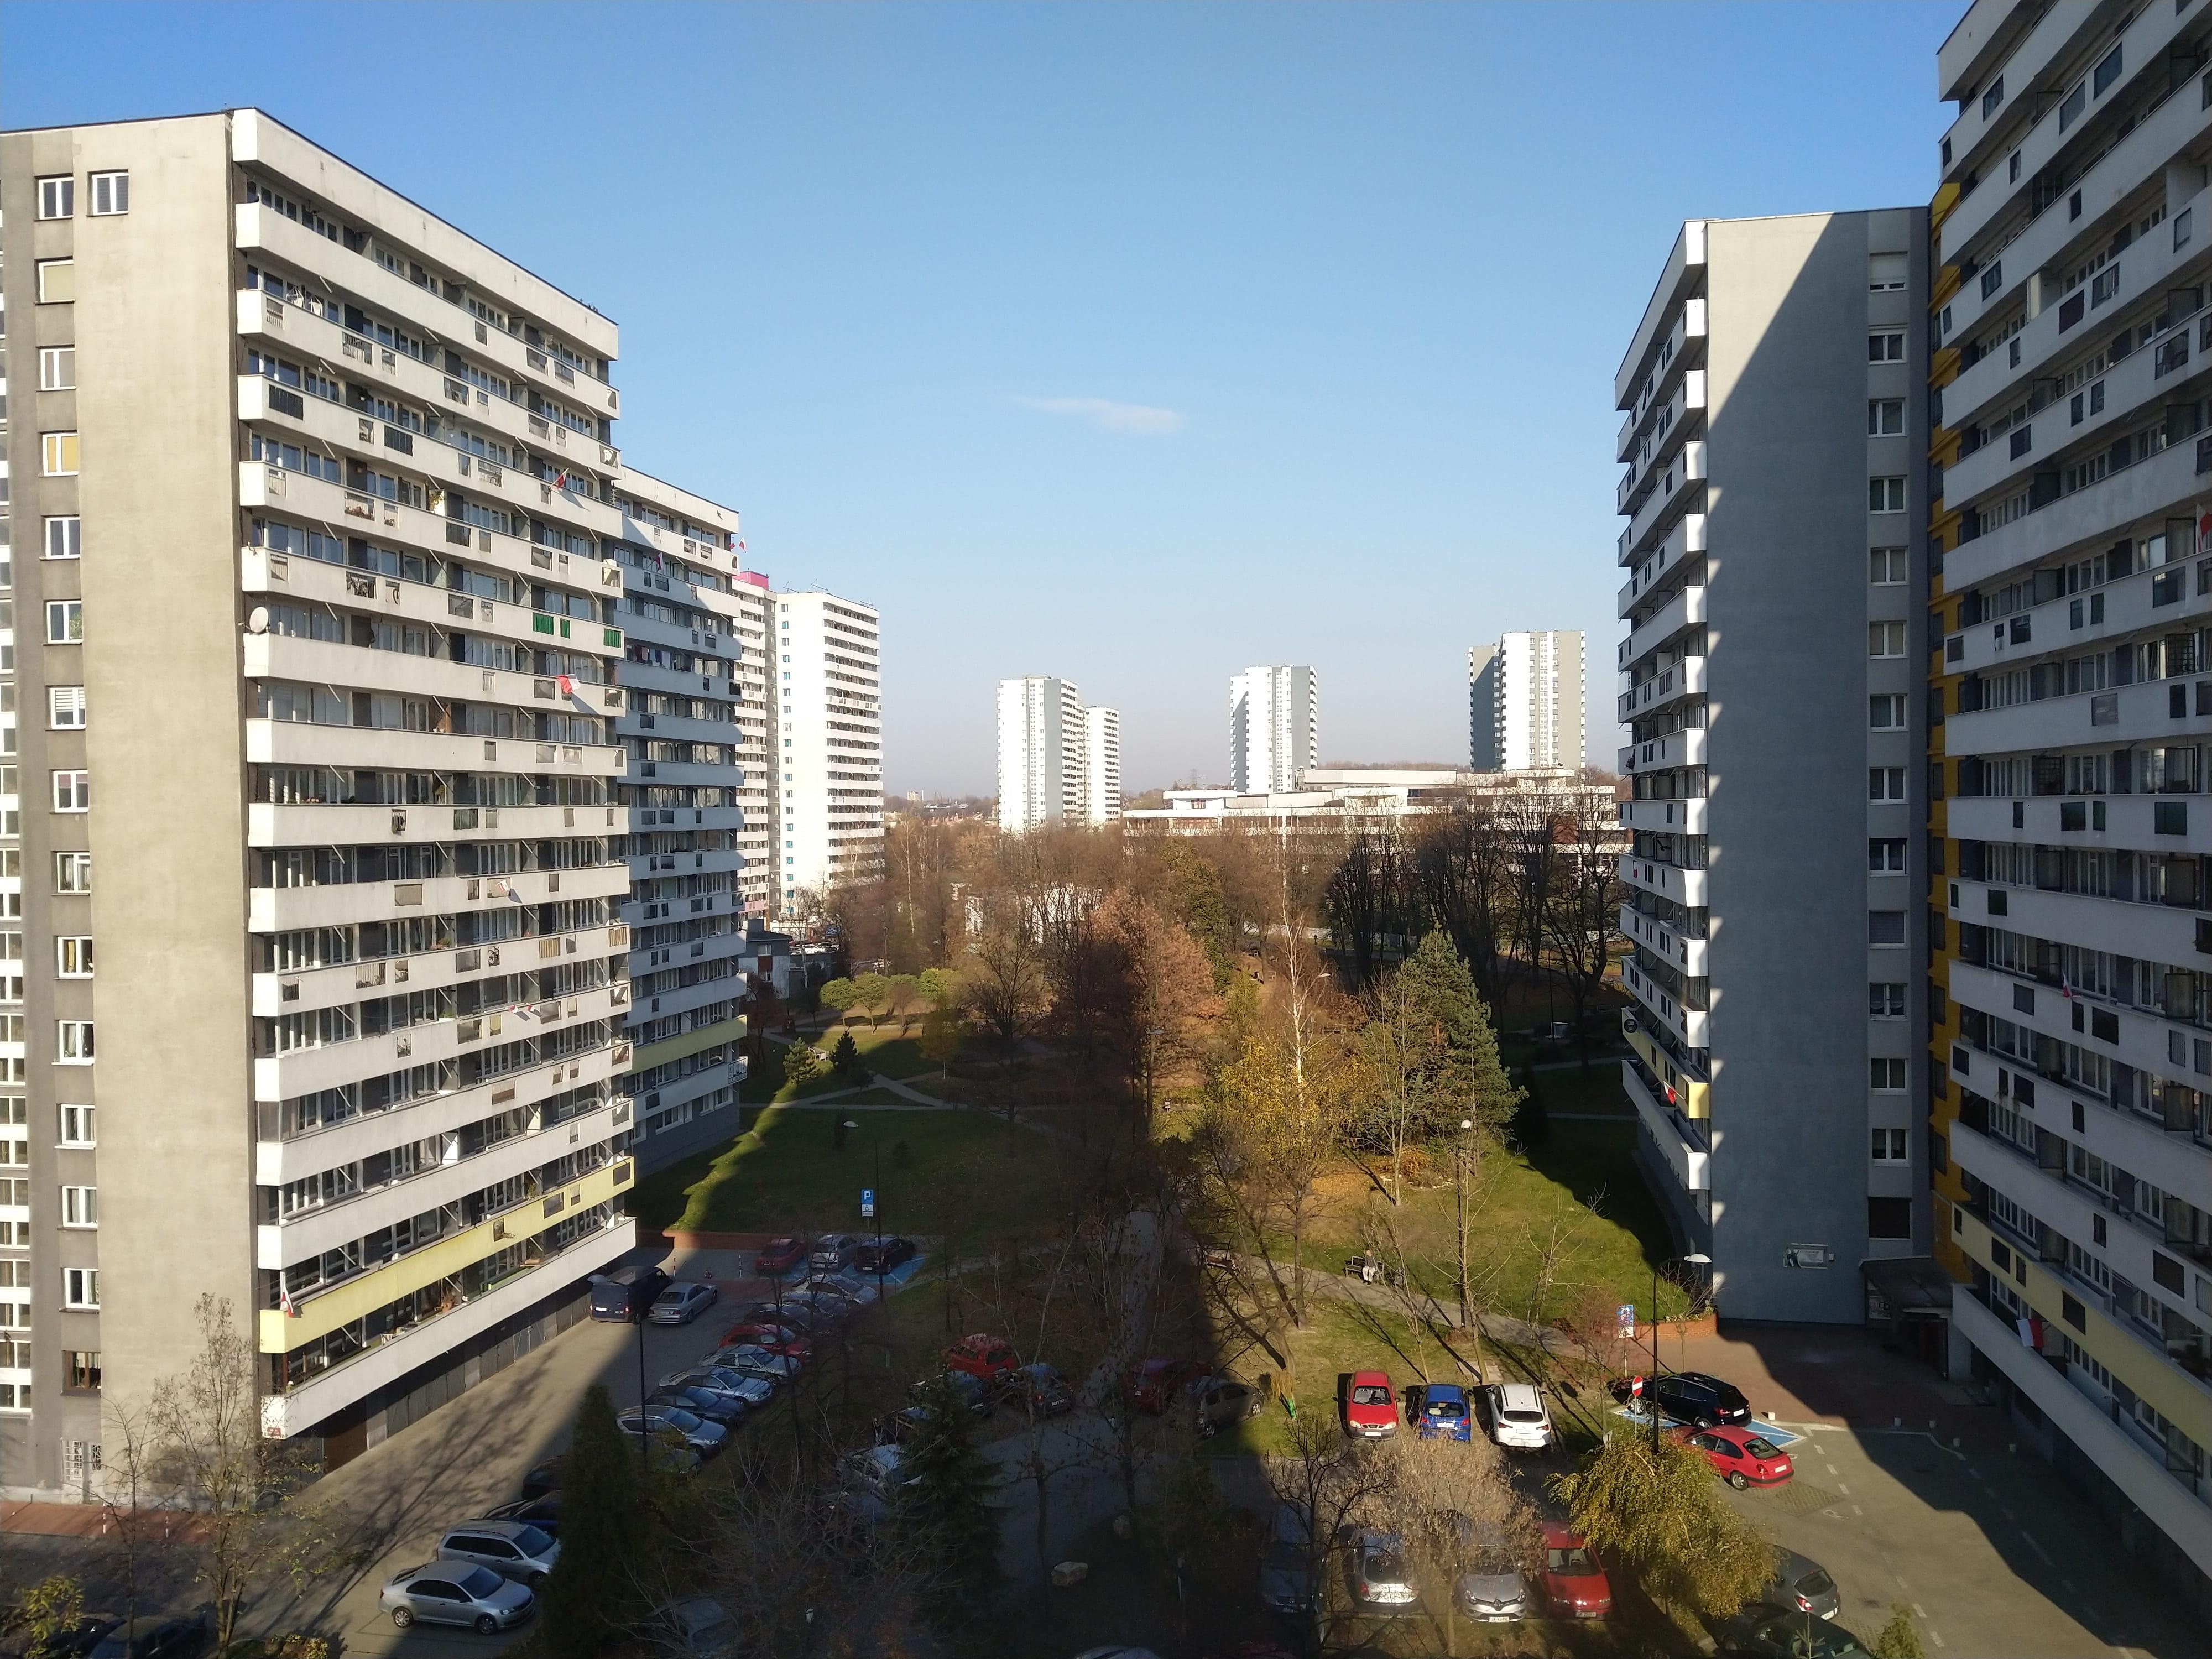 Słoneczna pogoda - Nokia 8 Sirocco